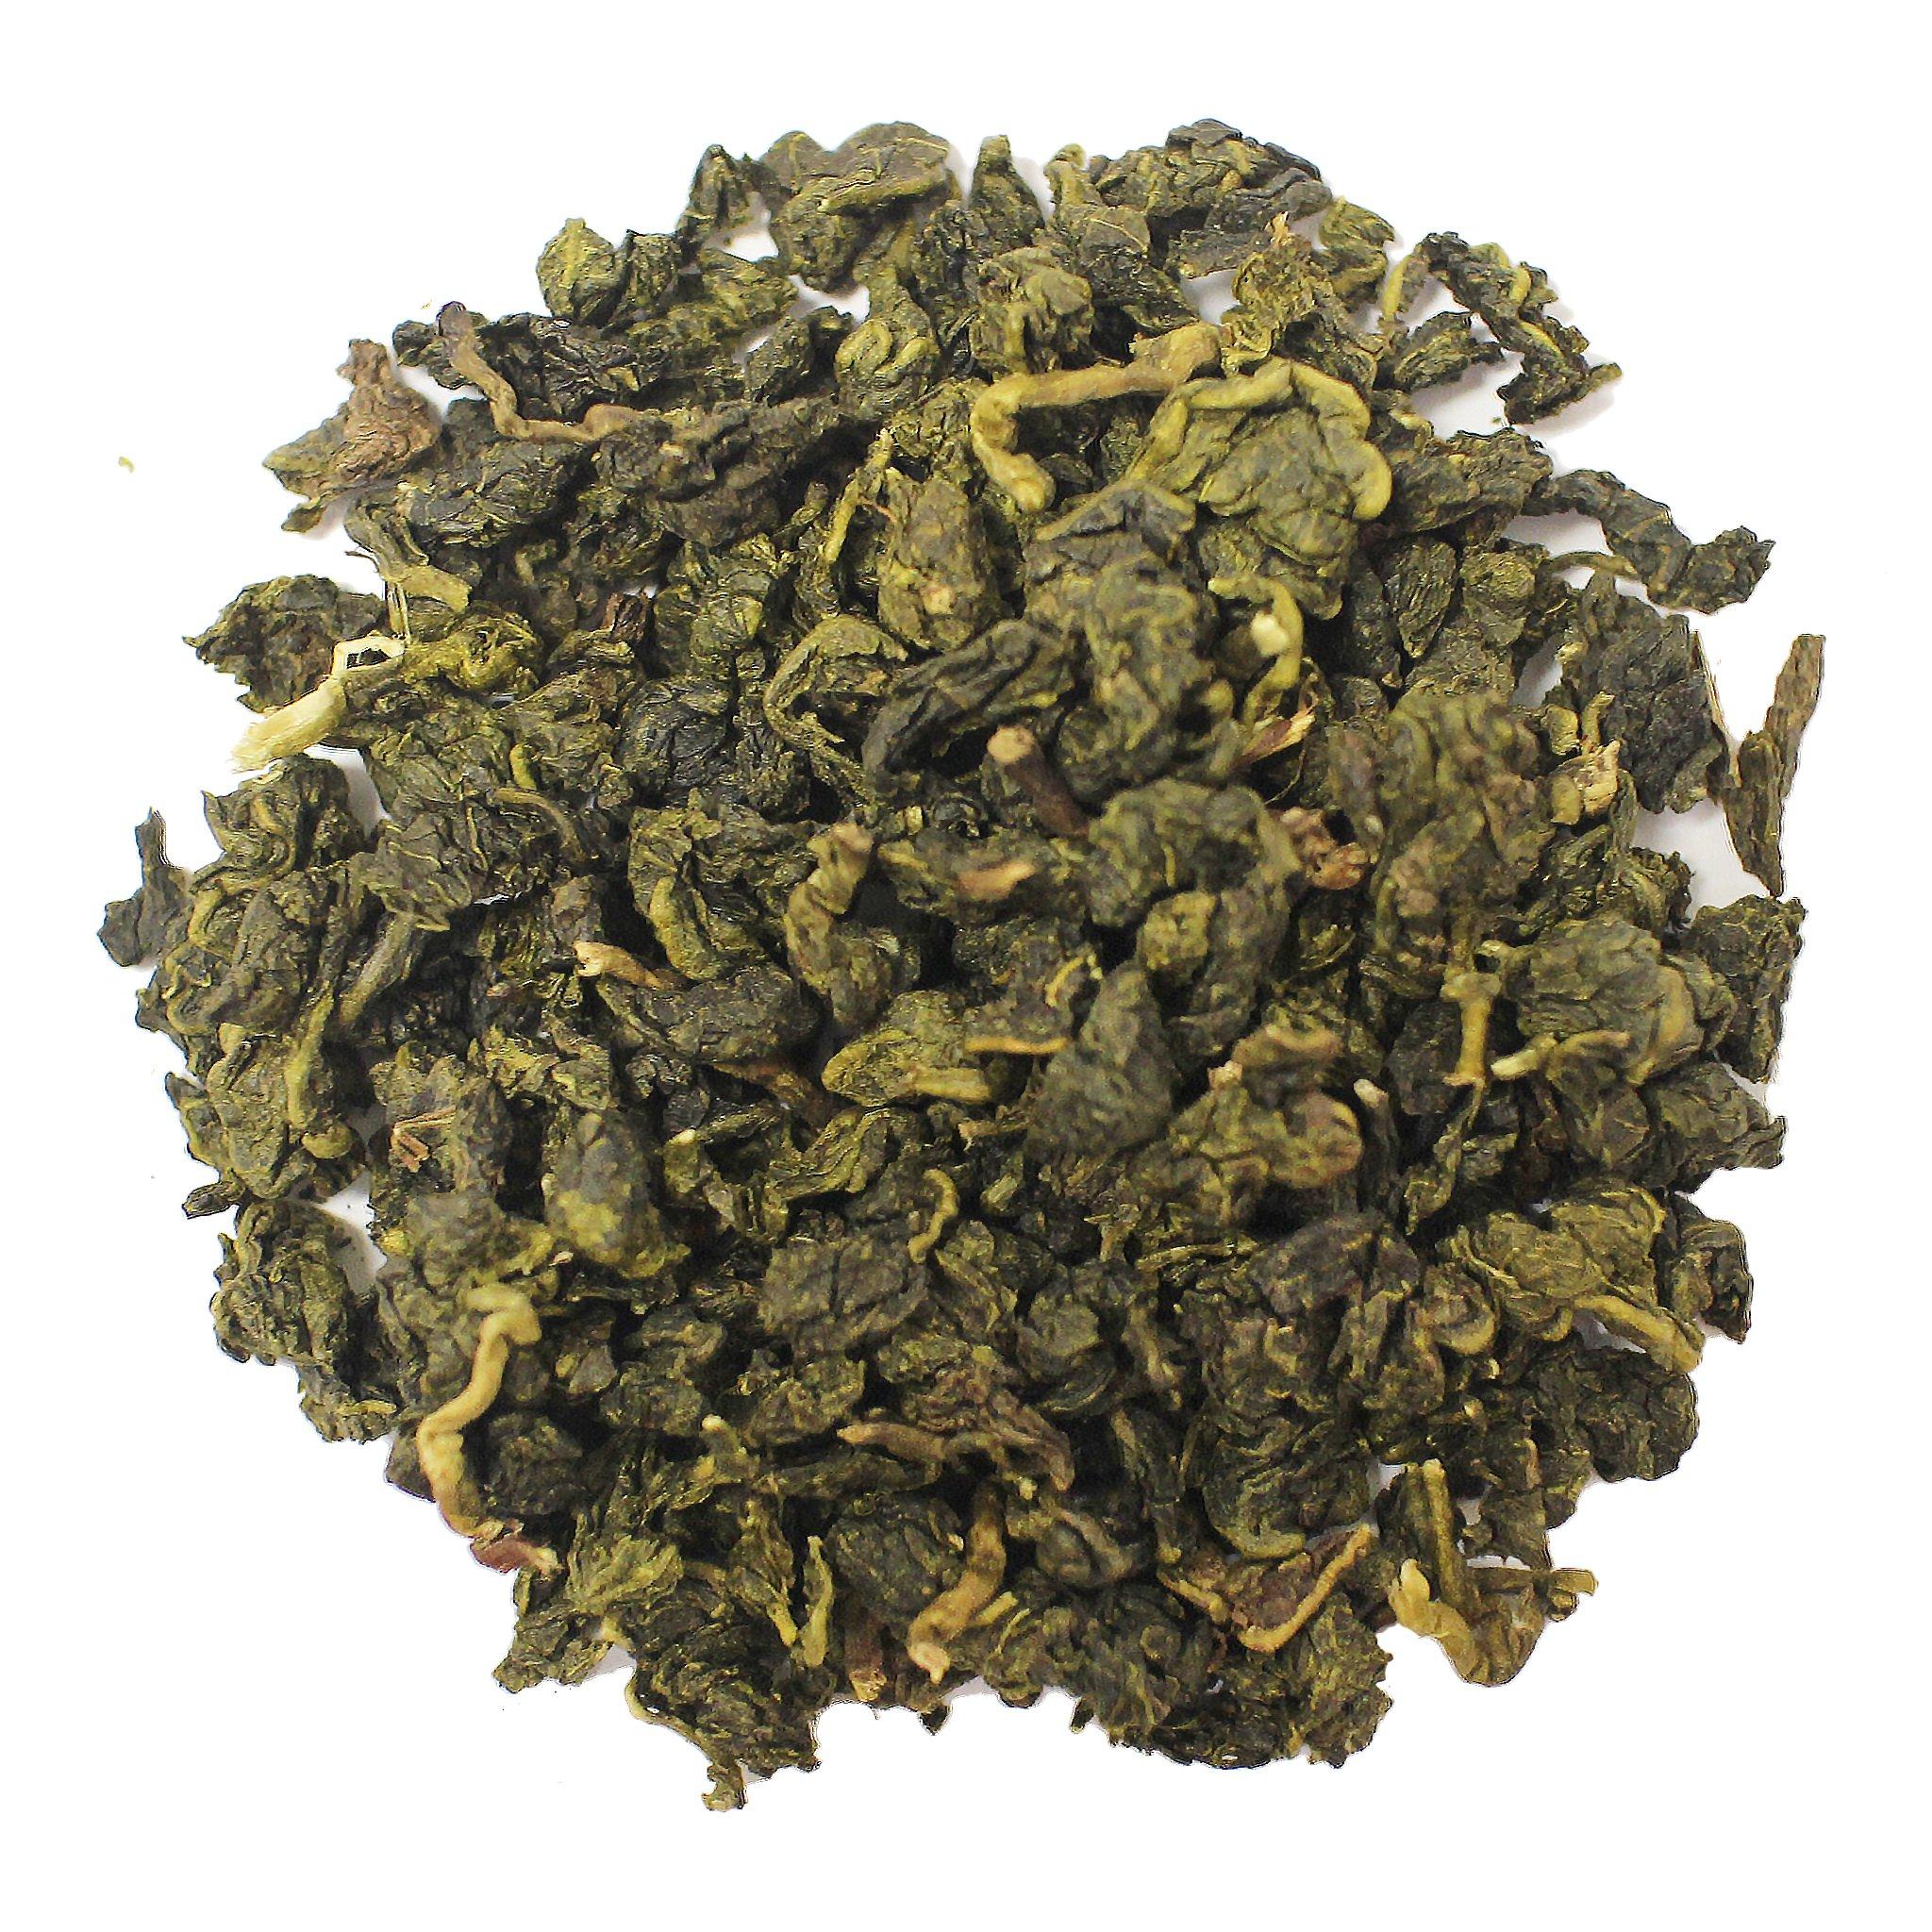 The Tea Farm - Milk Oolong Tea - Loose Leaf Oolong Tea (8 Ounce Bag) by The Tea Farm